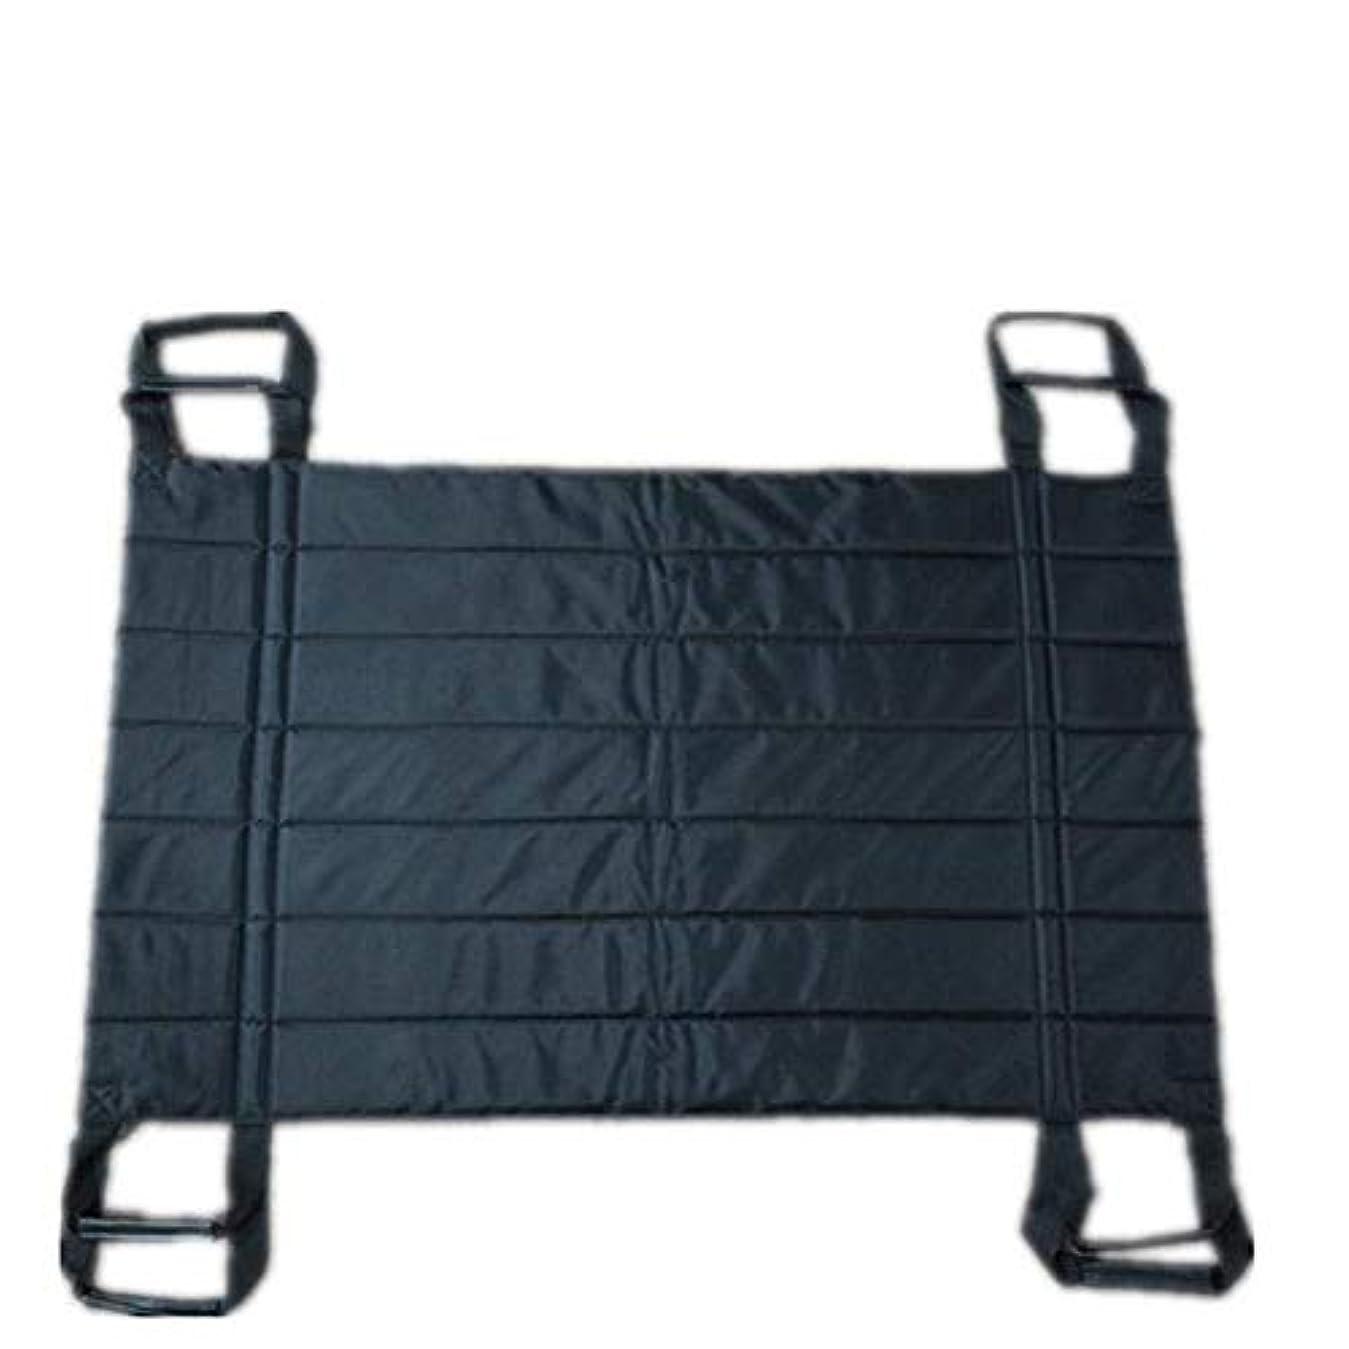 デマンドクレジット何トランスファーボードスライドベルト-患者リフトベッド支援デバイス-患者輸送リフトスリング-位置決めベッドパッド